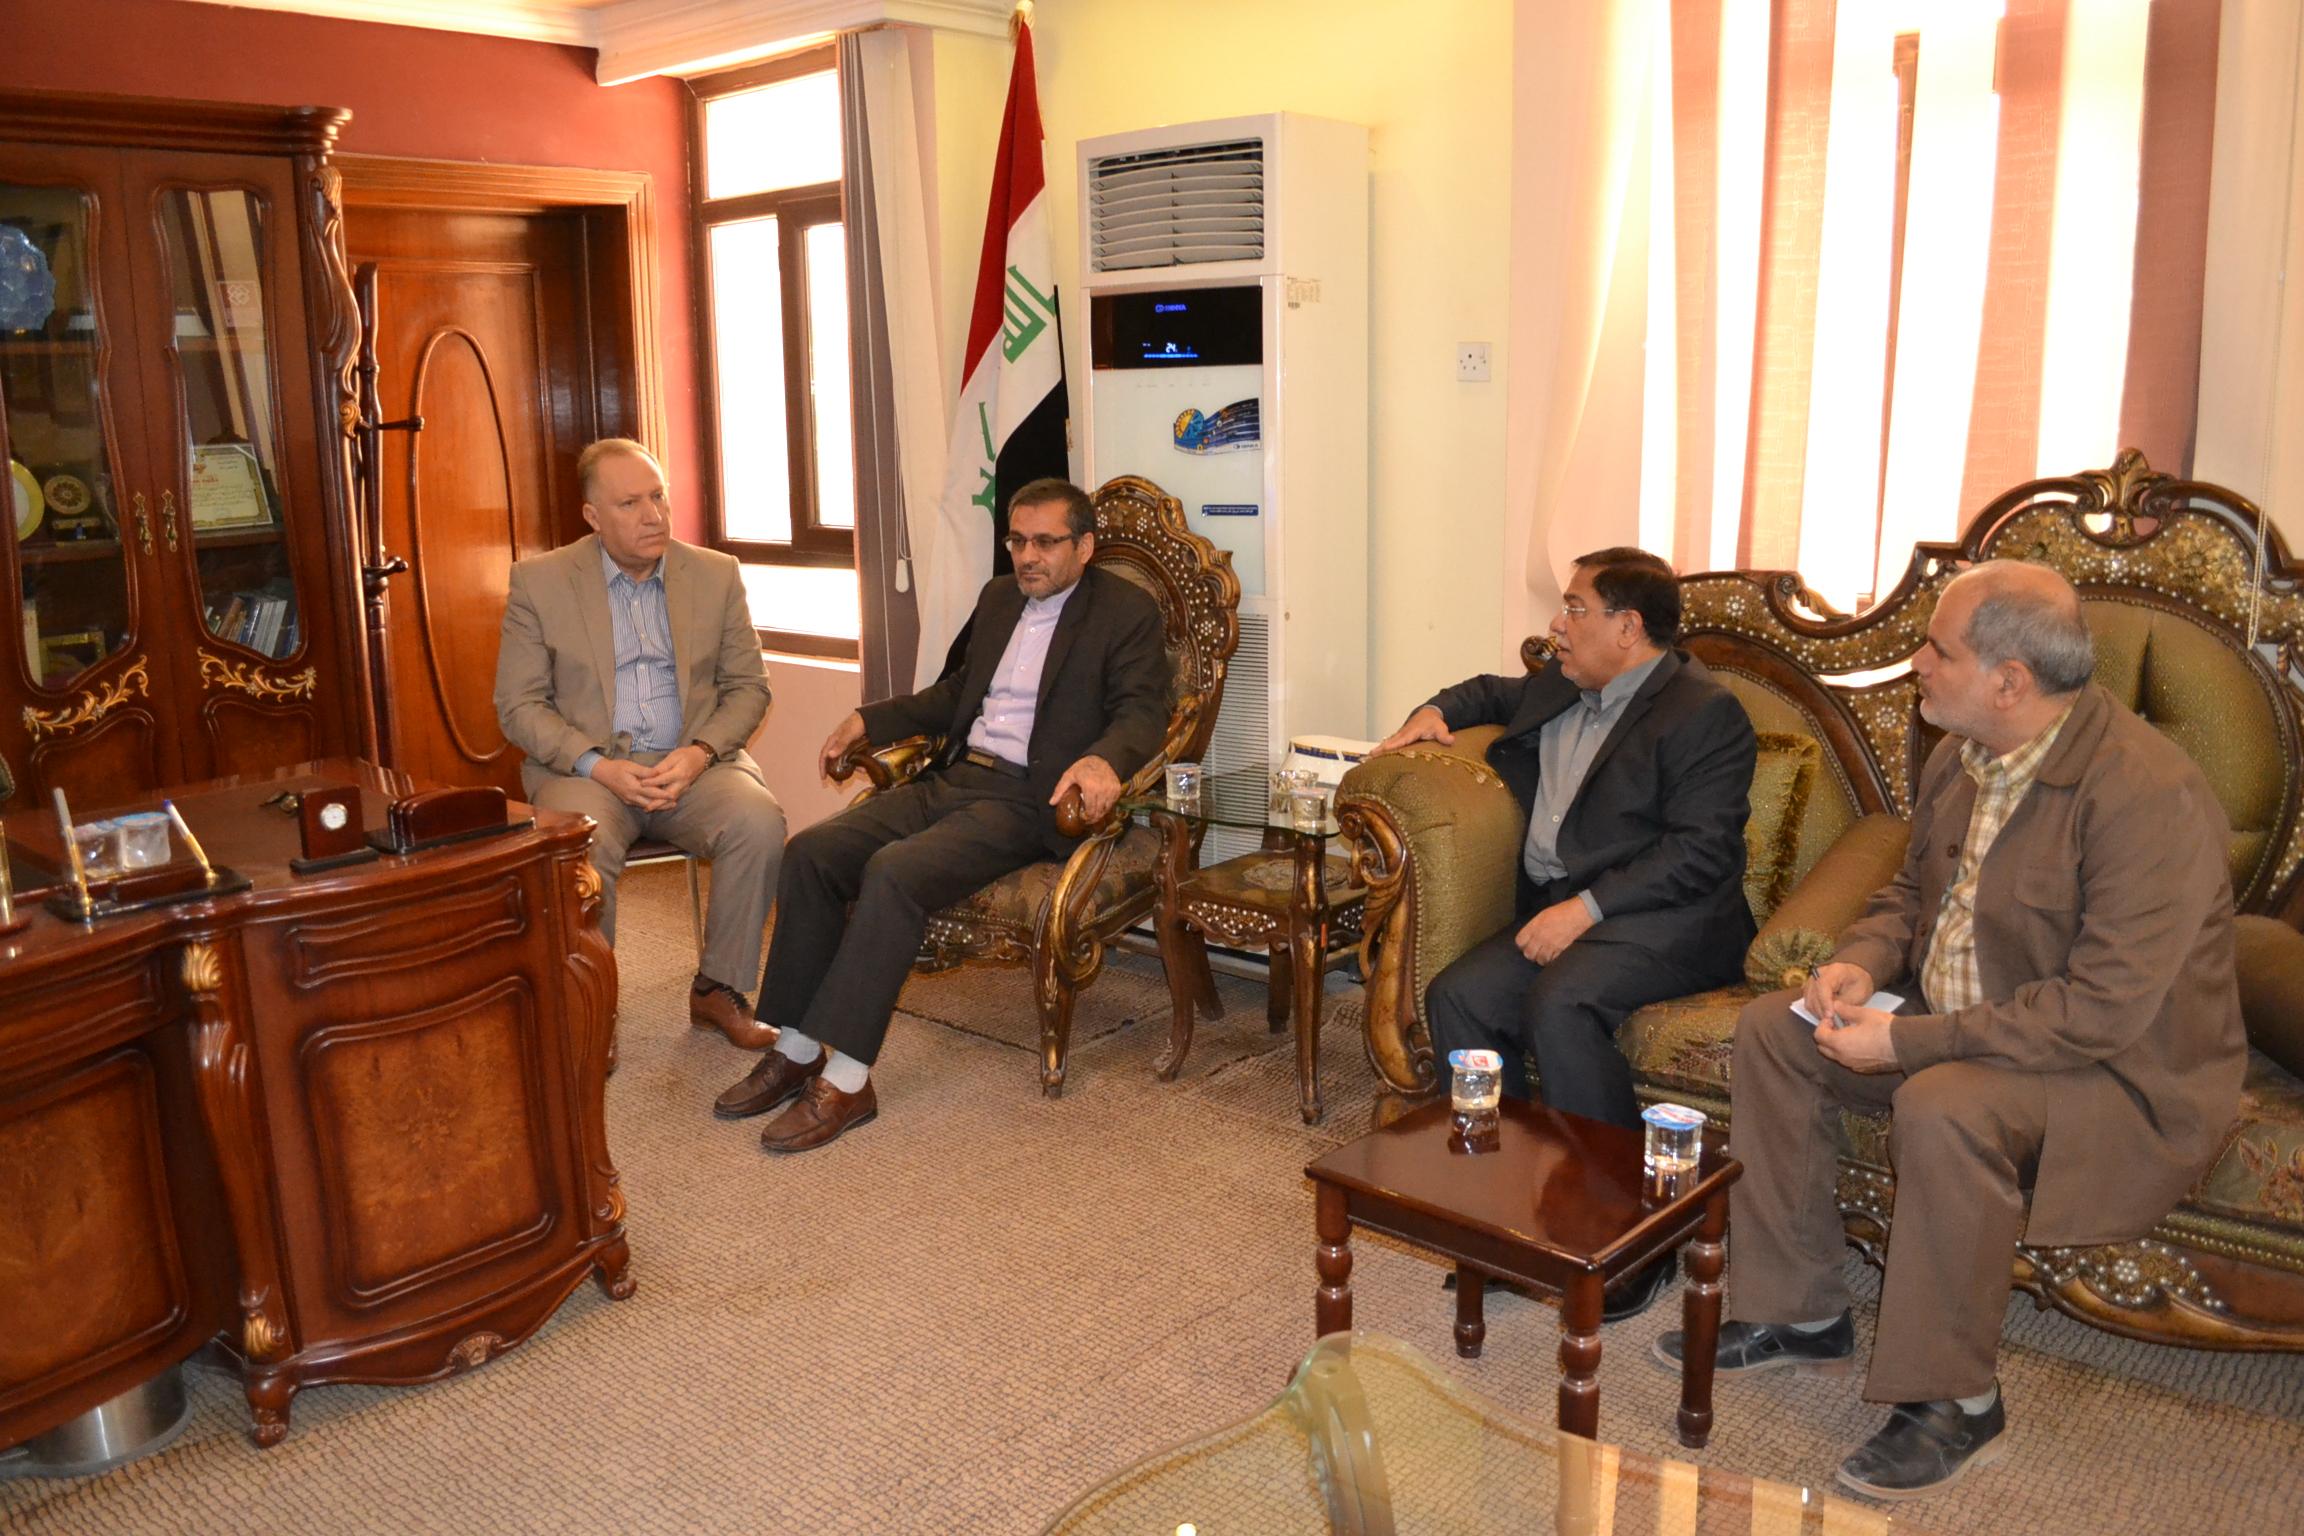 القنصل العام الايراني يودع الغرفة لانتهاء مهام عمله في كربلاء